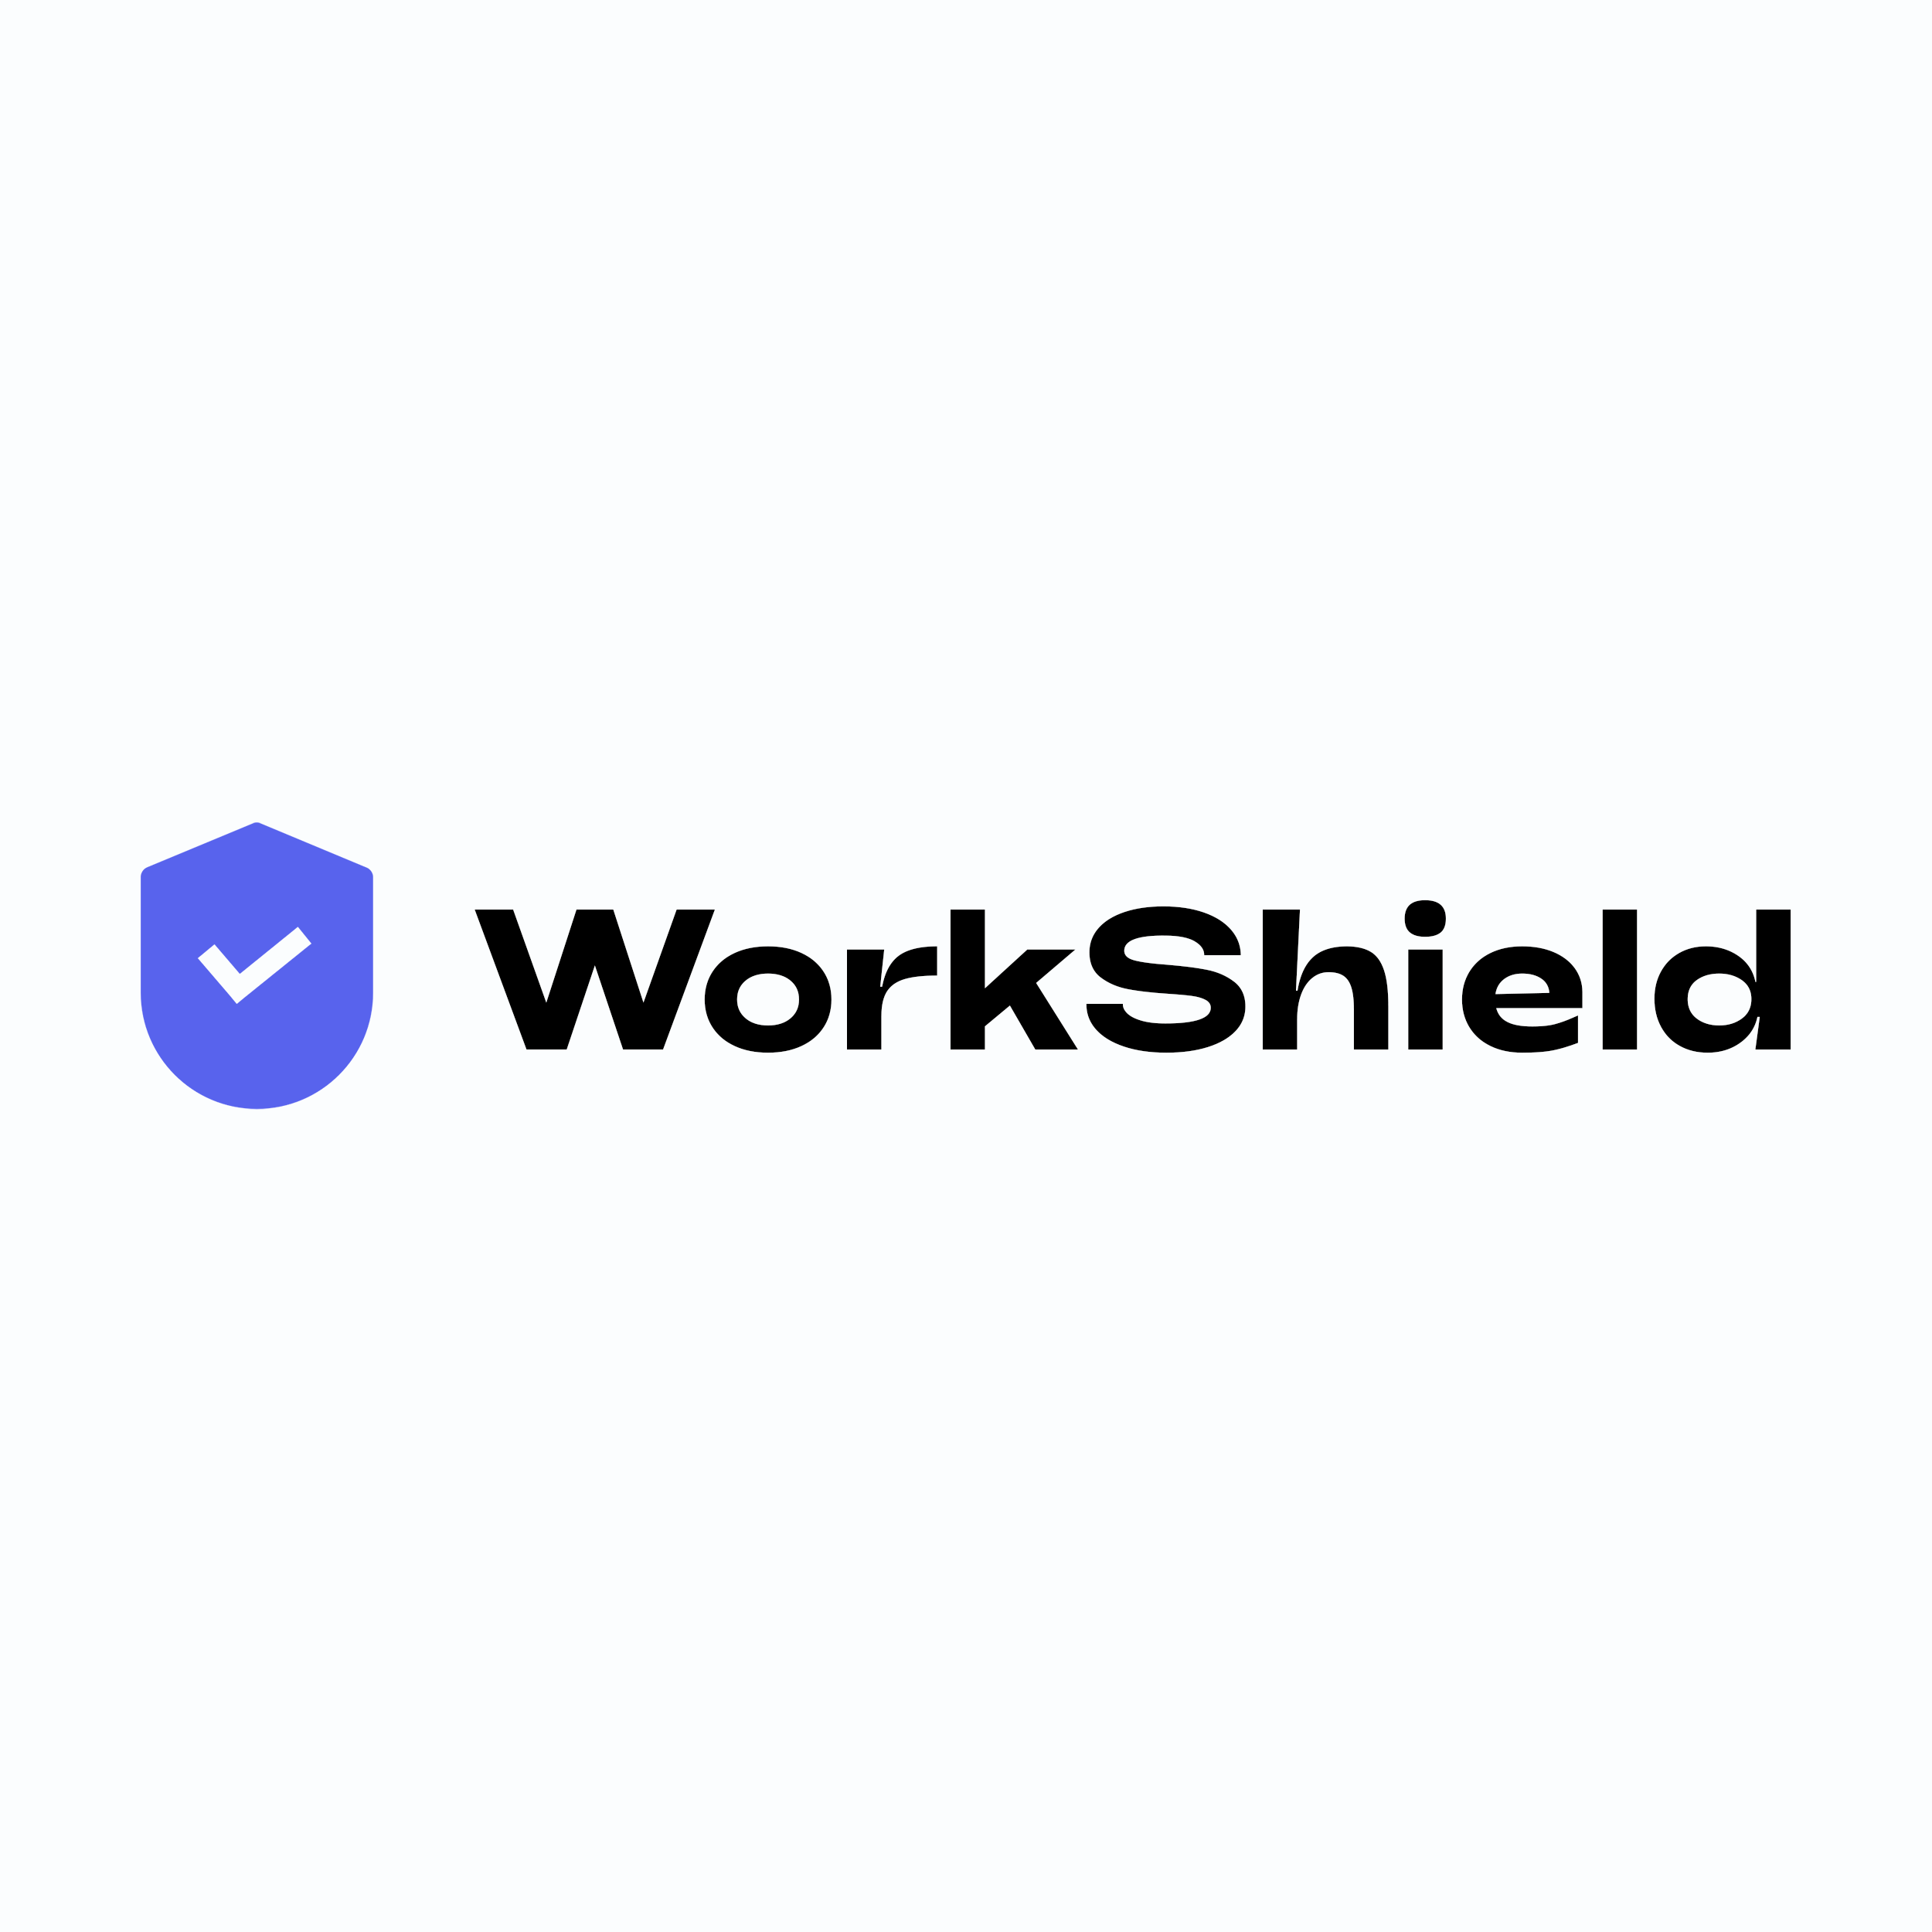 WorkShield